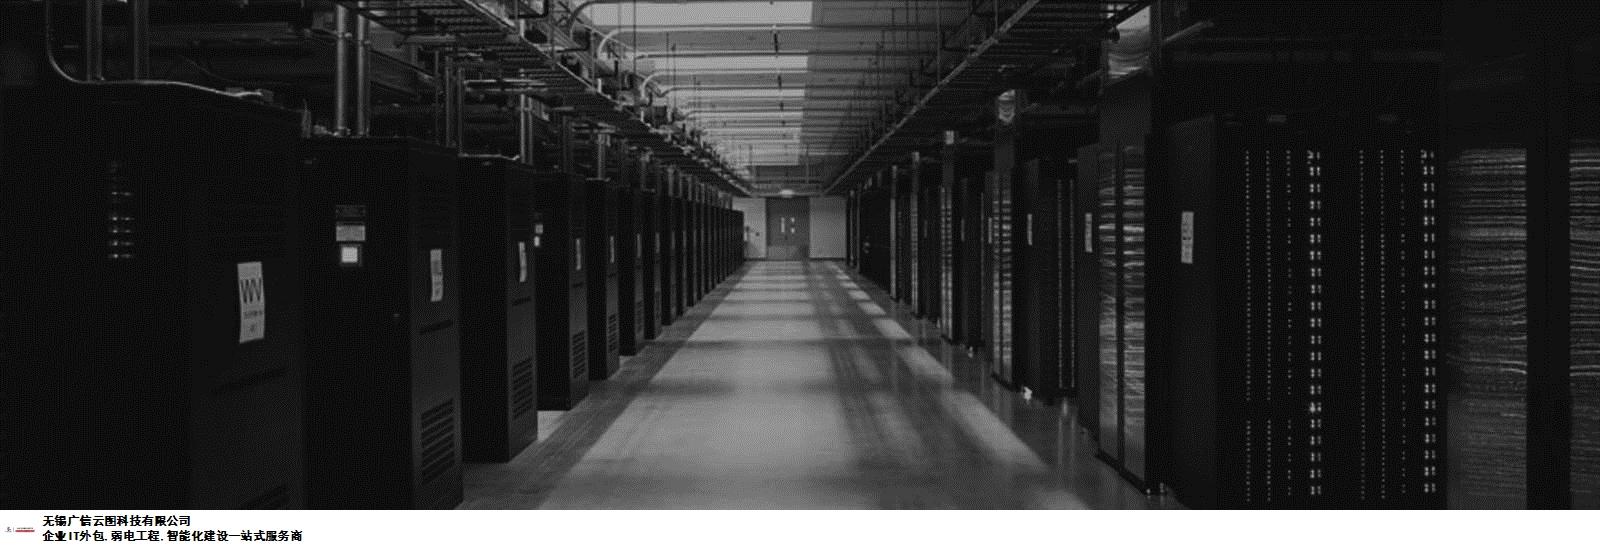 上海提供弱电工程性价比高 诚信经营「无锡广信云图科技供应」